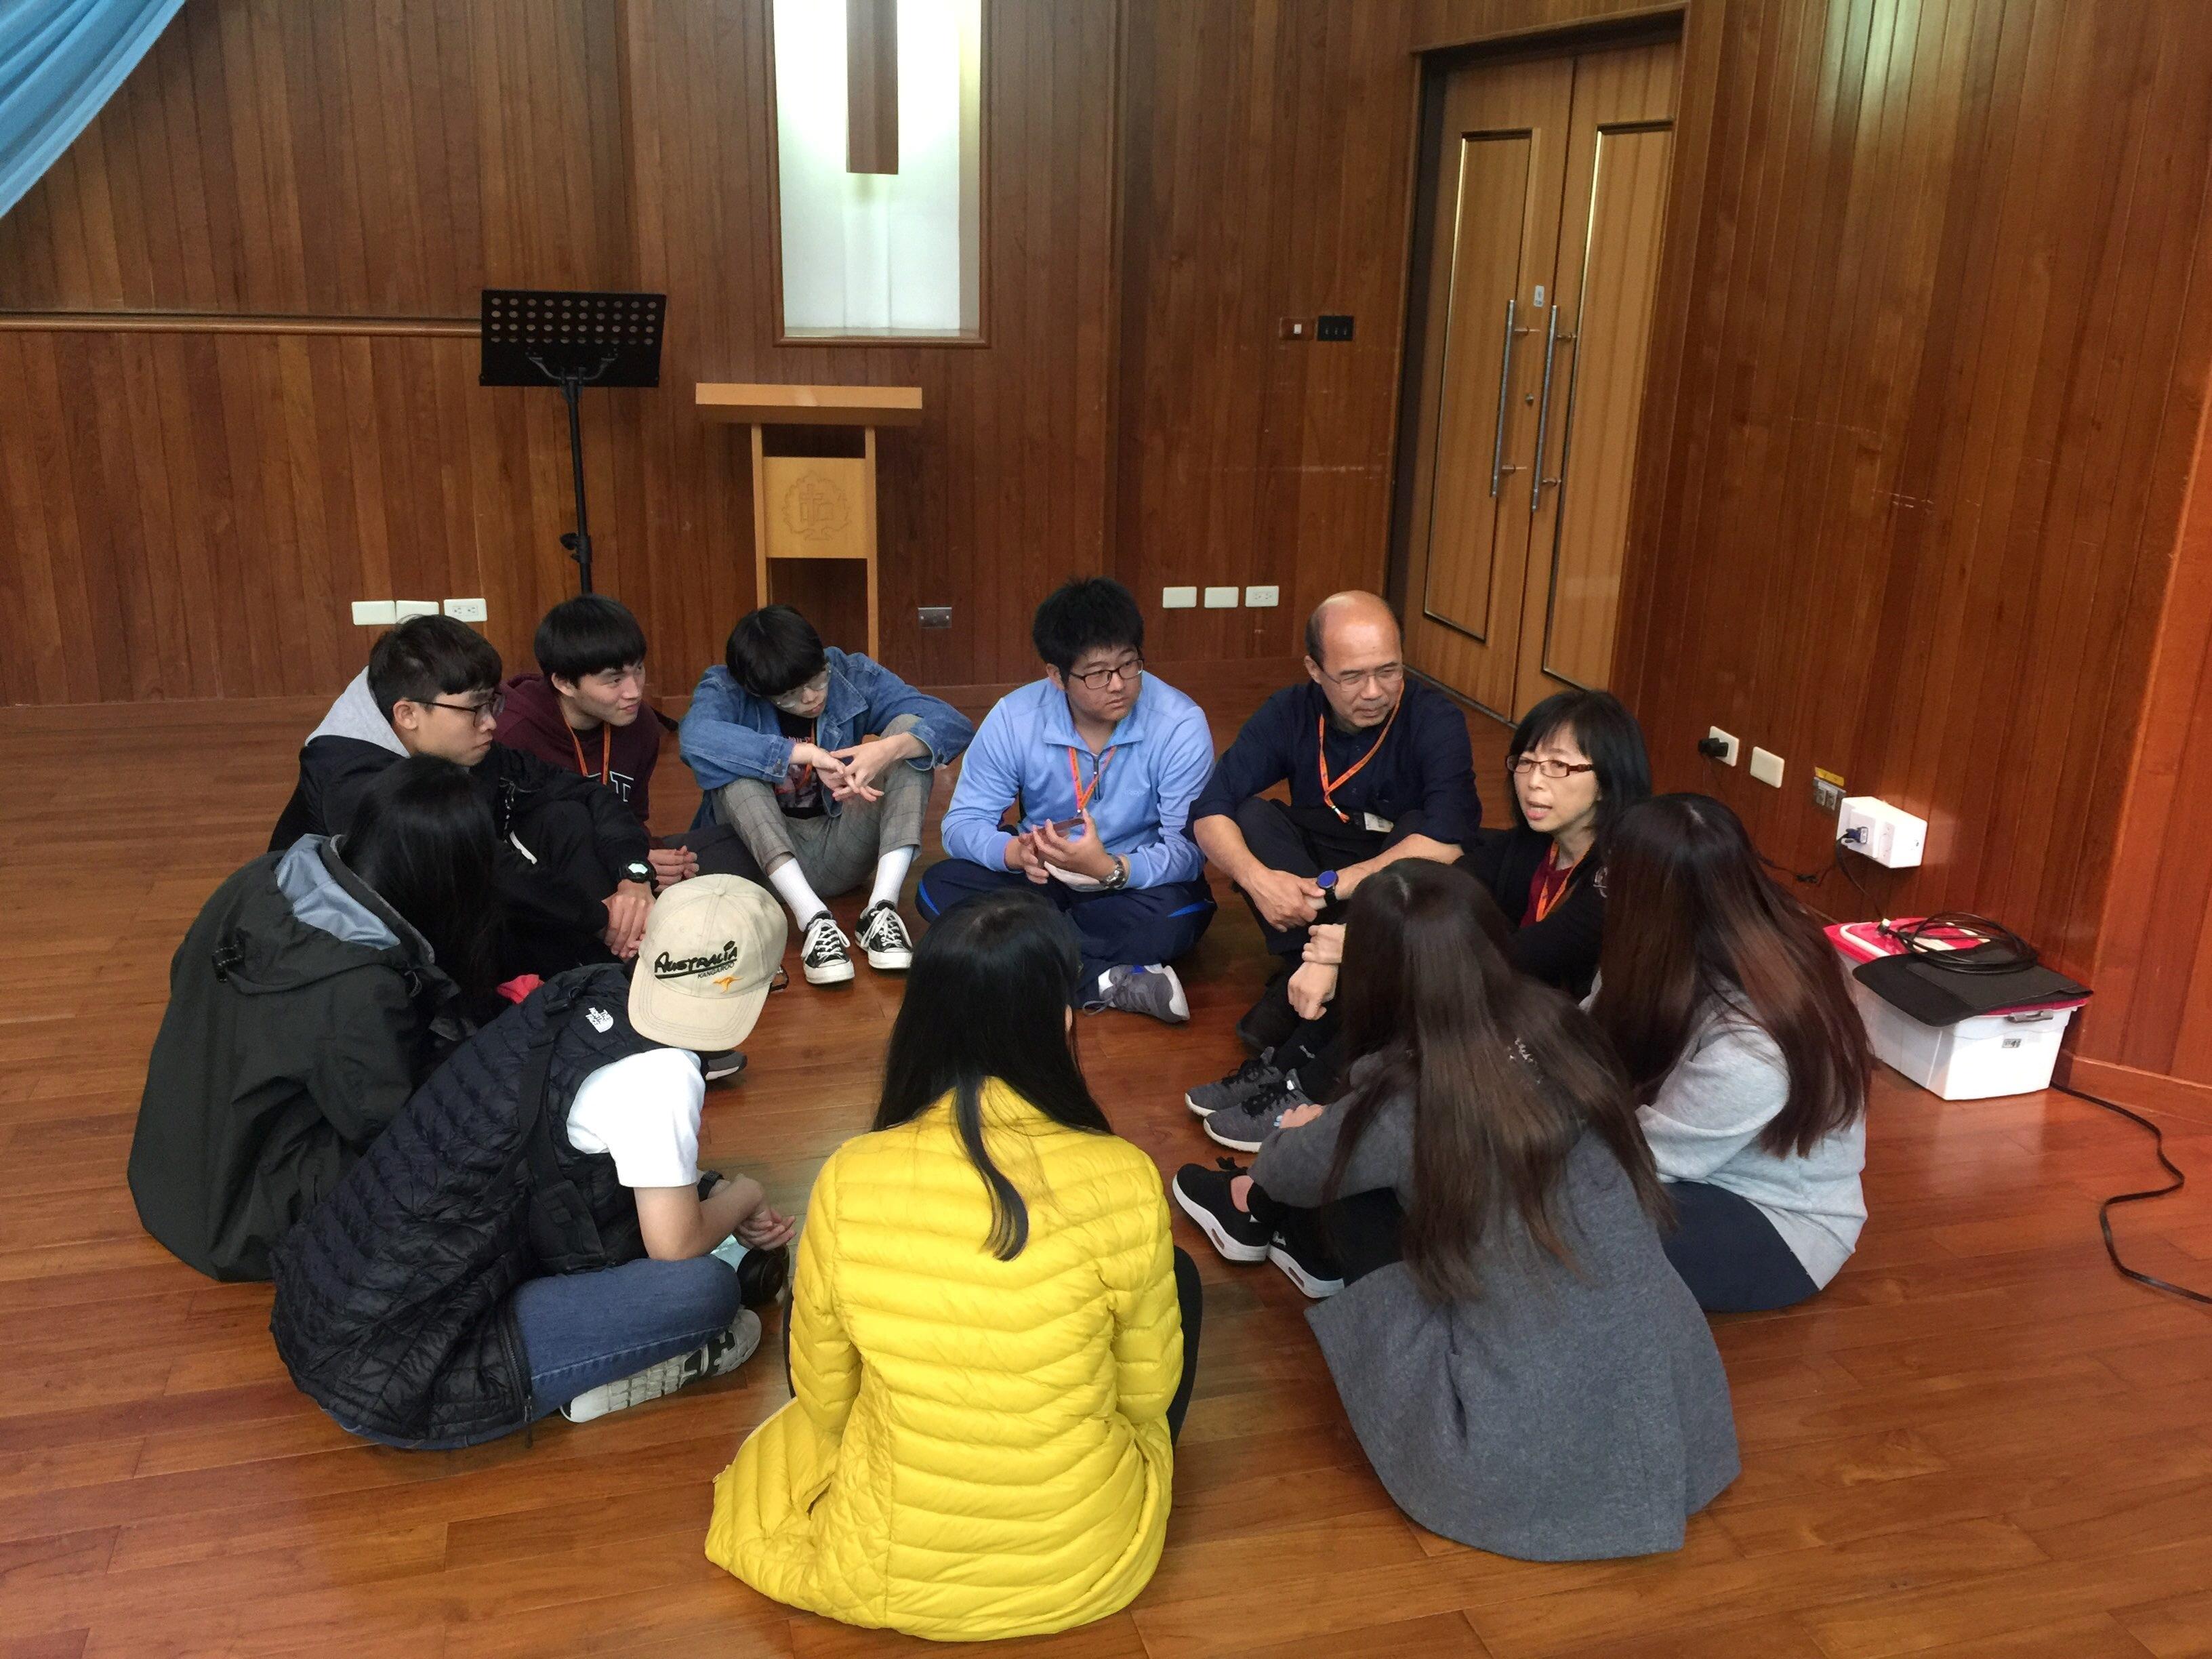 03_中原大學學生參加生命教育小組分享活動.jpg